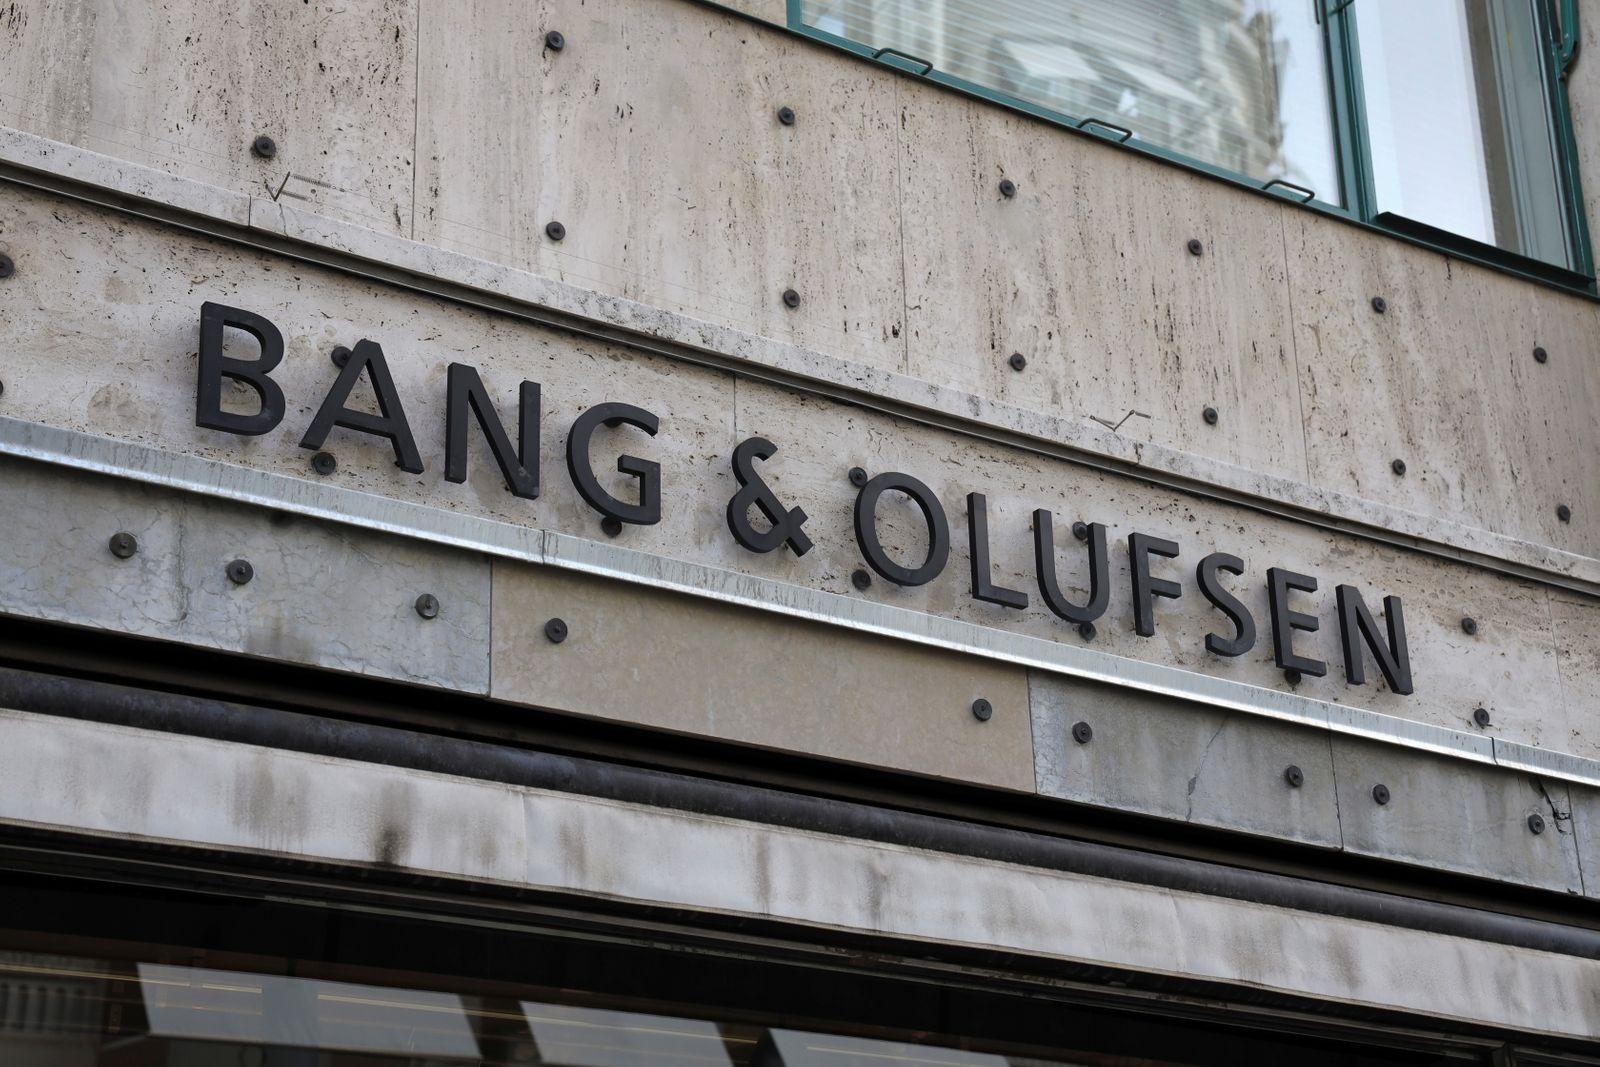 BANG & OLUFSEN-RESULTS/